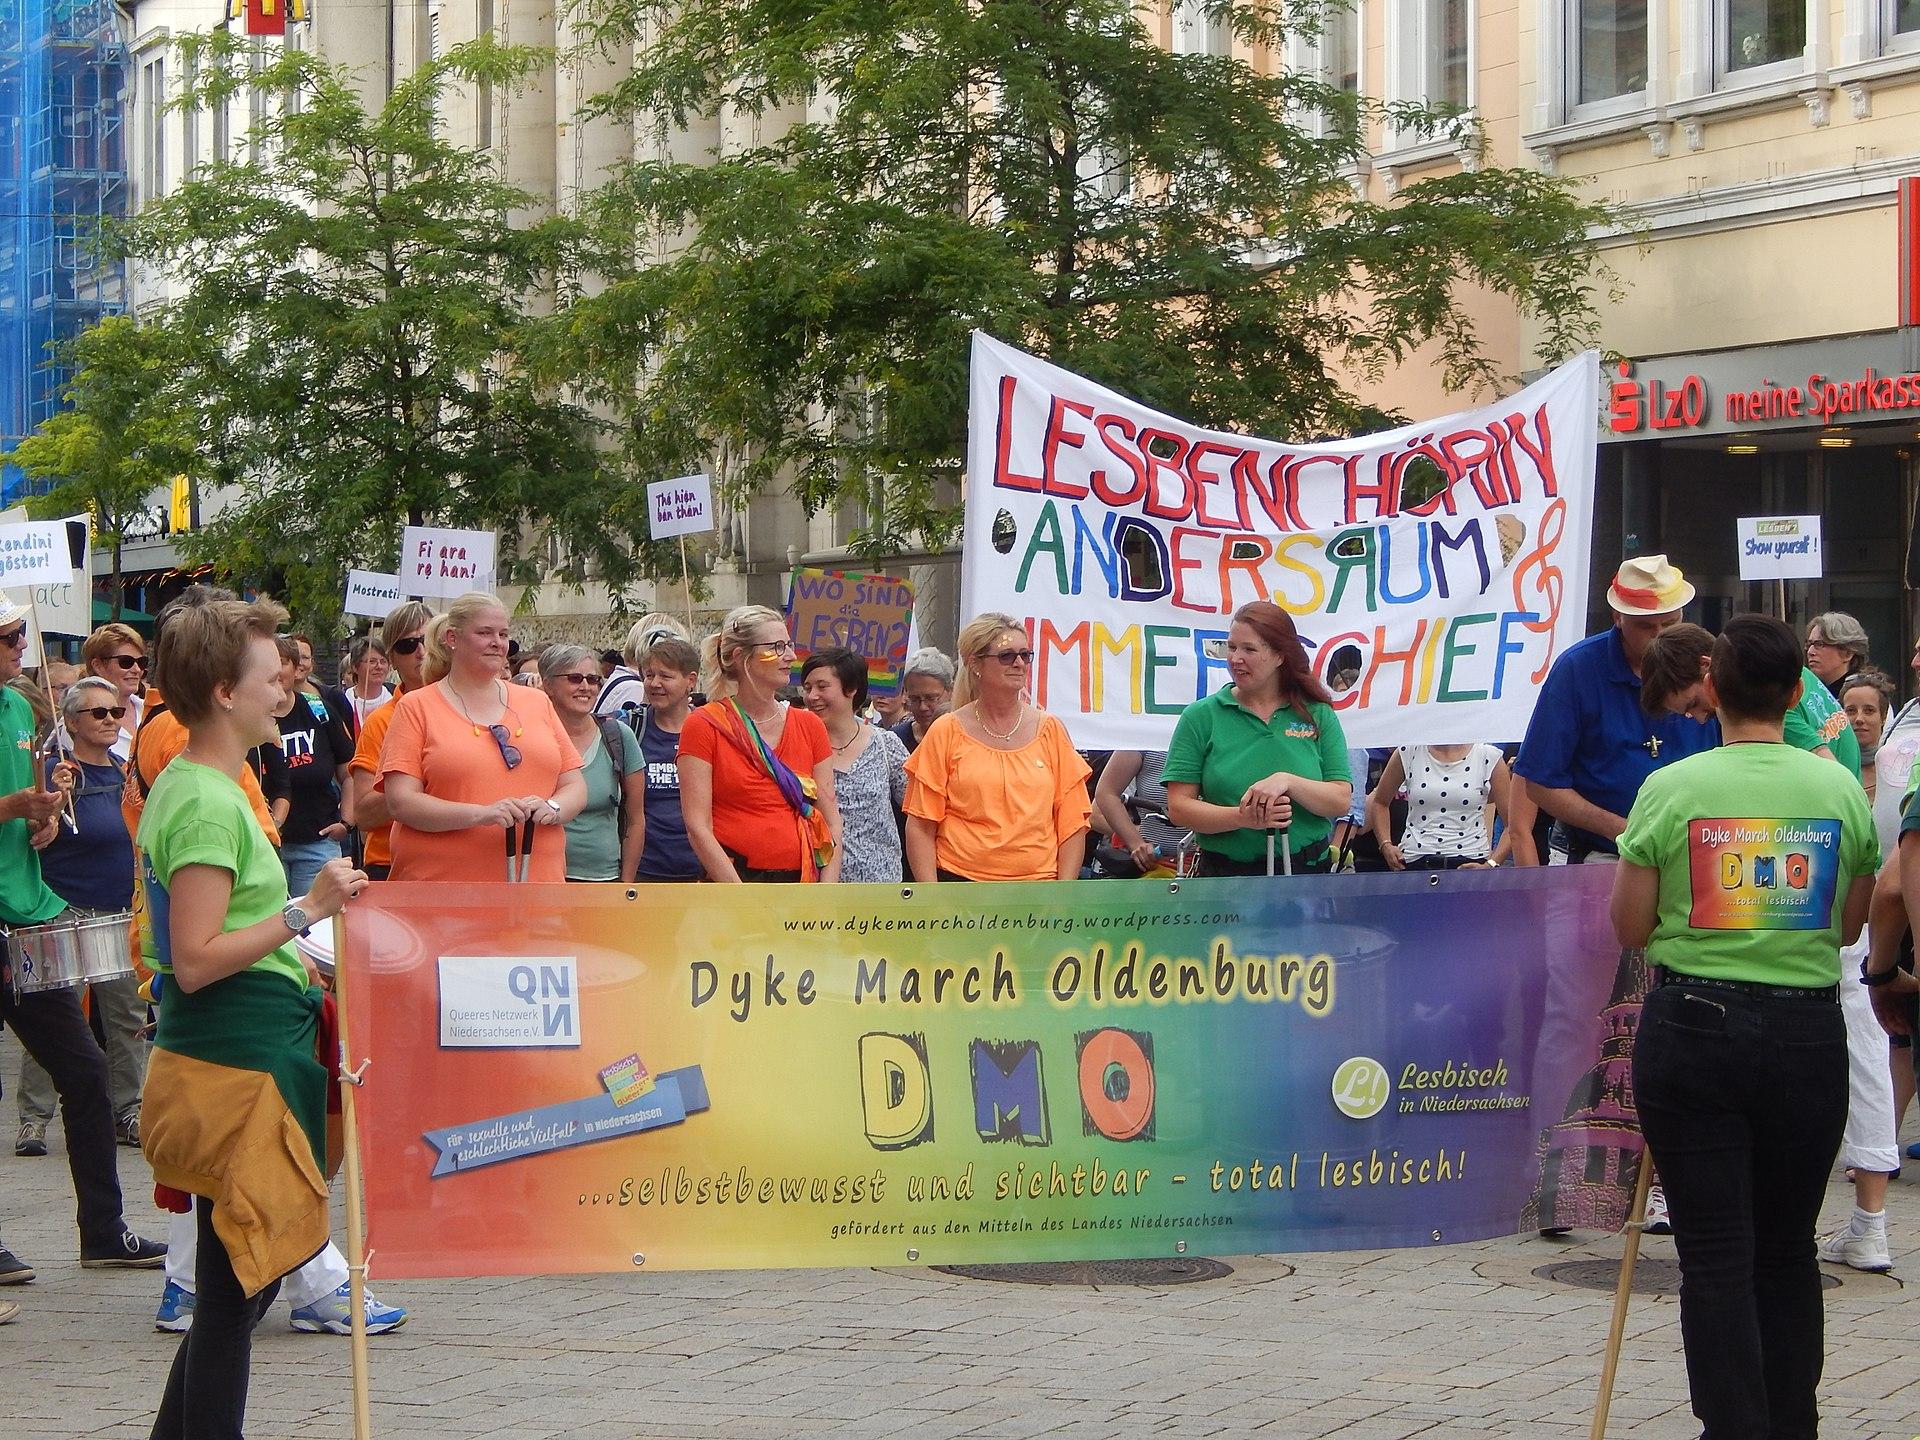 DykeMarch in Oldenburg 2018